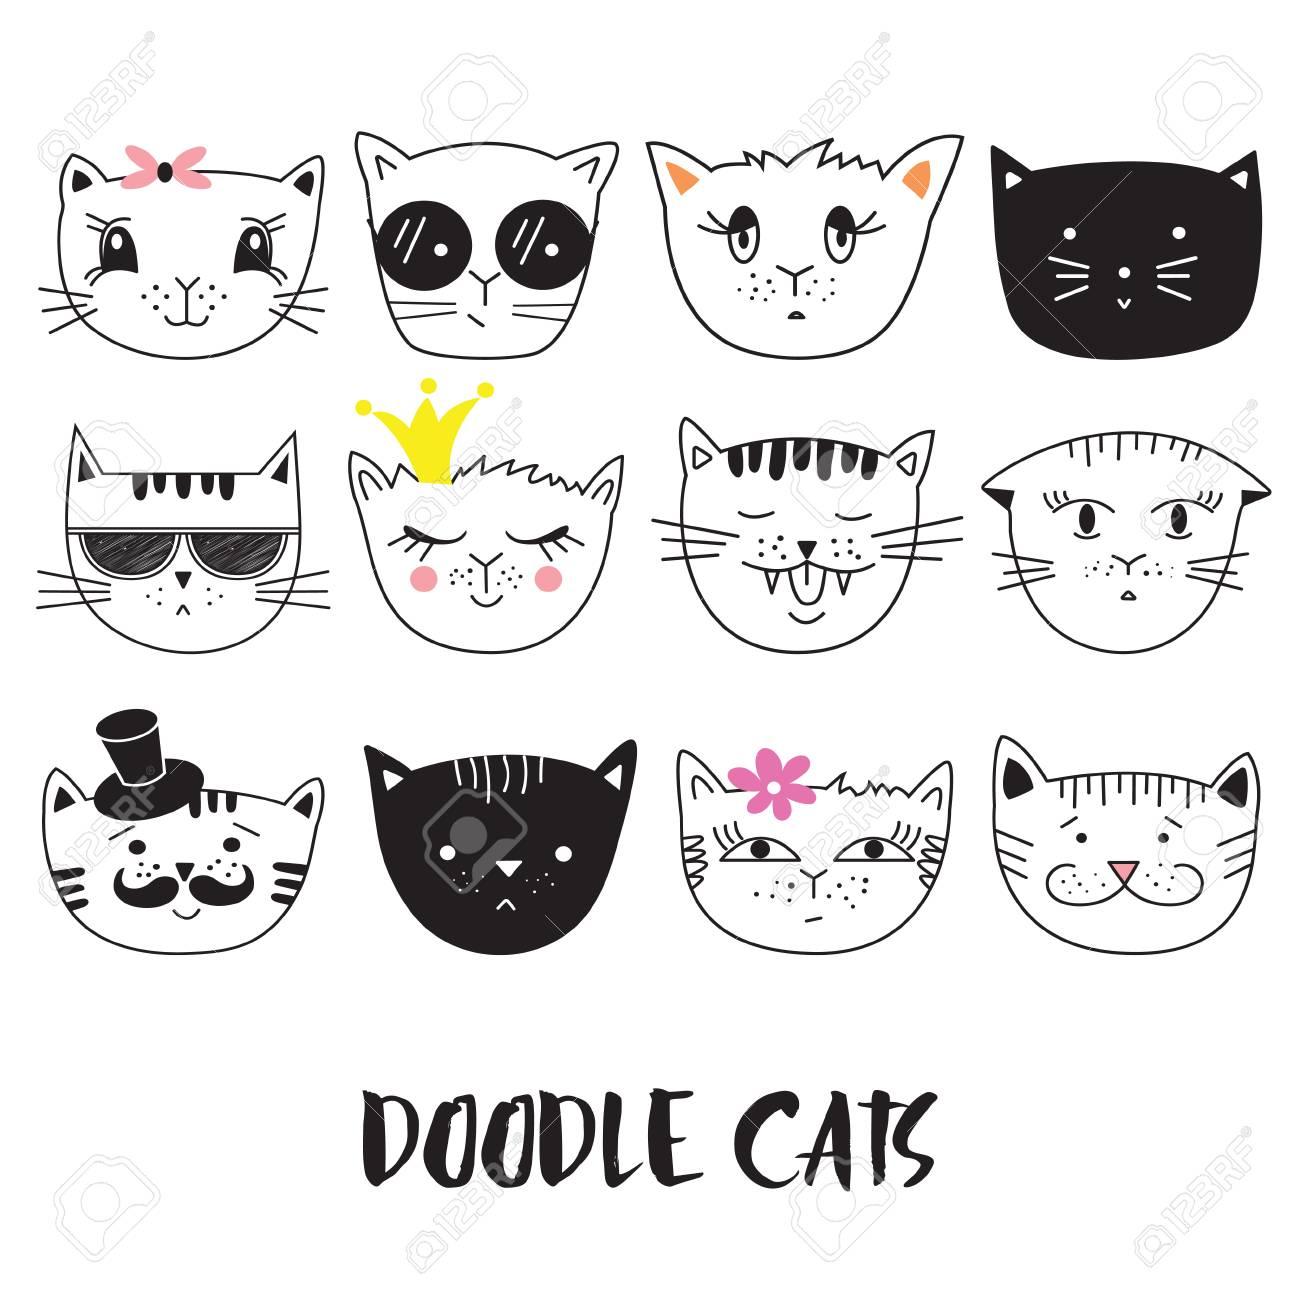 Vettoriale Gatti Serie Di Simpatici Doodle Può Essere Utilizzato